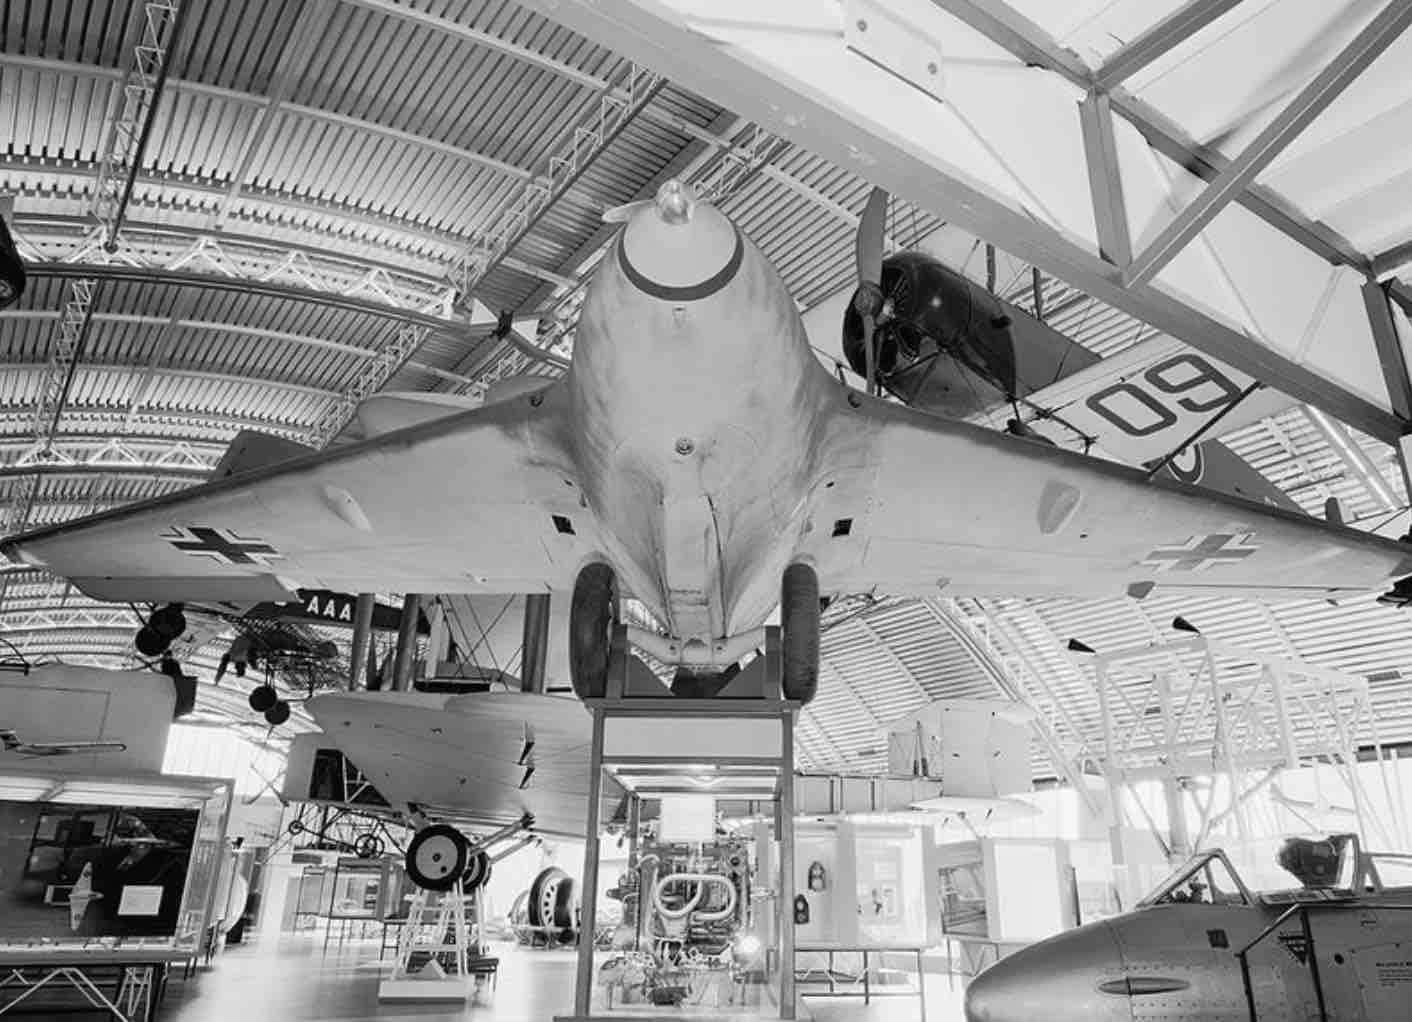 Le Messerschmitt Me 163 Komet